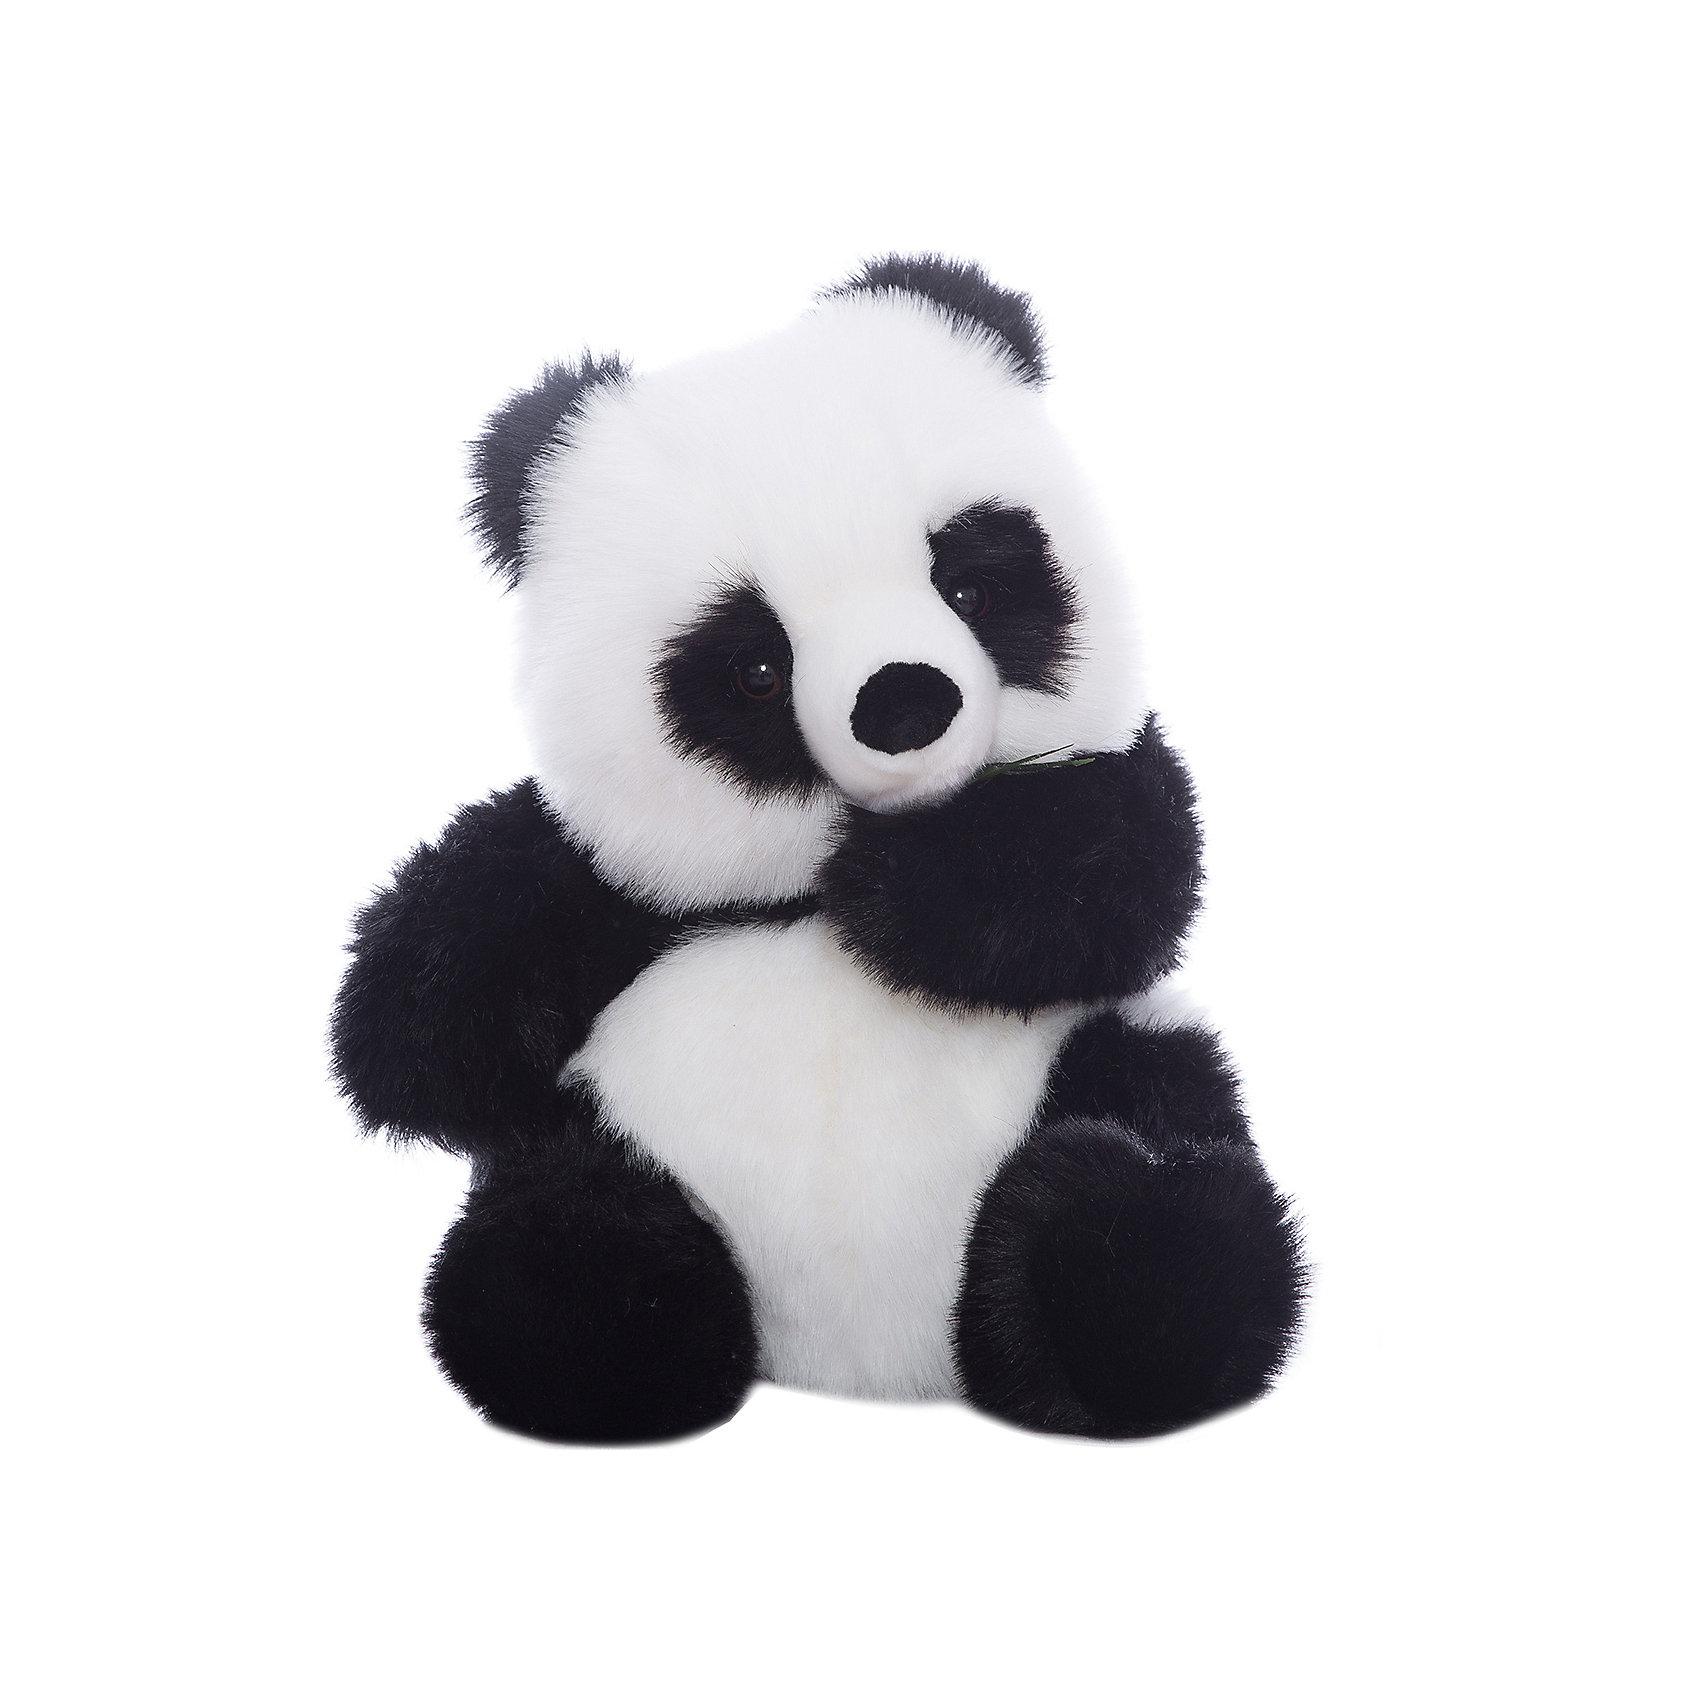 Панда, 45 смЗвери и птицы<br>Панда, 45 см – игрушка от знаменитого бренда Hansa, специализирующегося на выпуске мягких игрушек с высокой степенью натуралистичности. Внешний вид игрушки полностью соответствует своему реальному прототипу – панде (бамбуковому медведю). Она выполнена из искусственного меха с длинным ворсом. Окрас игрушки полностью повторяет окрас бамбукового медведя. Использованные материалы обладают гипоаллергенными свойствами. Внутри игрушки имеется металлический каркас, позволяющий изменять положение. <br>Игрушка относится к серии Дикие животные. <br>Мягкие игрушки от Hansa подходят для сюжетно-ролевых игр, для обучающих игр, направленных на знакомство с животным миром дикой природы. Кроме того, их можно использовать в качестве интерьерных игрушек. Коллекция из нескольких игрушек позволяет создать свой домашний зоопарк, который будет радовать вашего ребенка долгое время, так как ручная работа и качественные материалы гарантируют их долговечность и прочность.<br><br>Дополнительная информация:<br><br>- Вид игр: сюжетно-ролевые игры, коллекционирование, интерьерные игрушки<br>- Предназначение: для дома, для детских развивающих центров, для детских садов<br>- Материал: искусственный мех, наполнитель ? полиэфирное волокно<br>- Размер (ДхШхВ): 43*46*38 см<br>- Вес: 2 кг 270 г<br>- Особенности ухода: сухая чистка при помощи пылесоса или щетки для одежды<br><br>Подробнее:<br><br>• Для детей в возрасте: от 3 лет <br>• Страна производитель: Филиппины<br>• Торговый бренд: Hansa<br><br>Панду, 45 см можно купить в нашем интернет-магазине.<br><br>Ширина мм: 43<br>Глубина мм: 46<br>Высота мм: 38<br>Вес г: 2270<br>Возраст от месяцев: 36<br>Возраст до месяцев: 2147483647<br>Пол: Унисекс<br>Возраст: Детский<br>SKU: 4927138